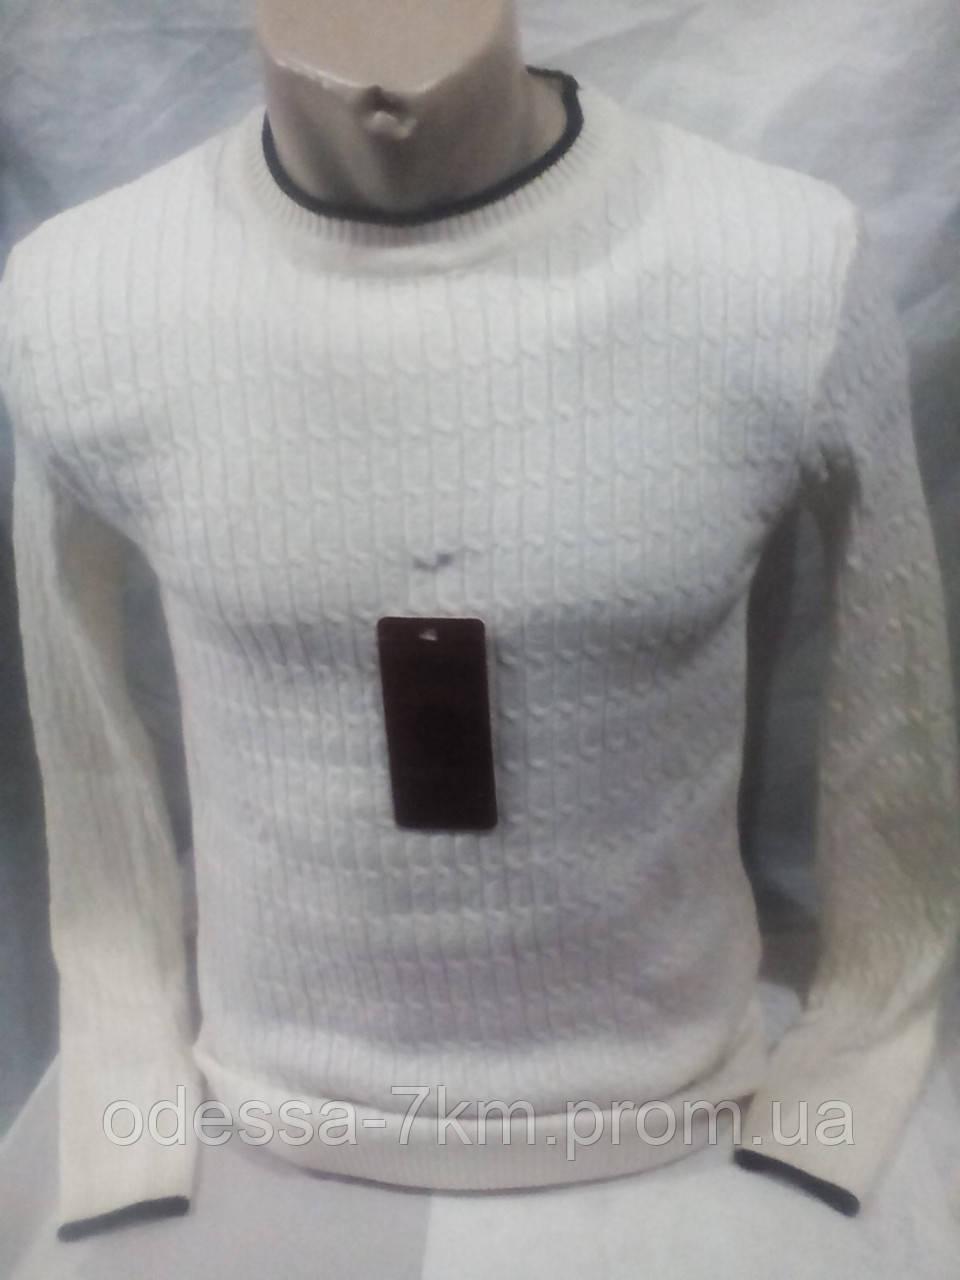 5a0b7f79a794 Белый мужской приталенный джемпер 46-48 рр - Одежда для всей семьи оптом в  Одессе